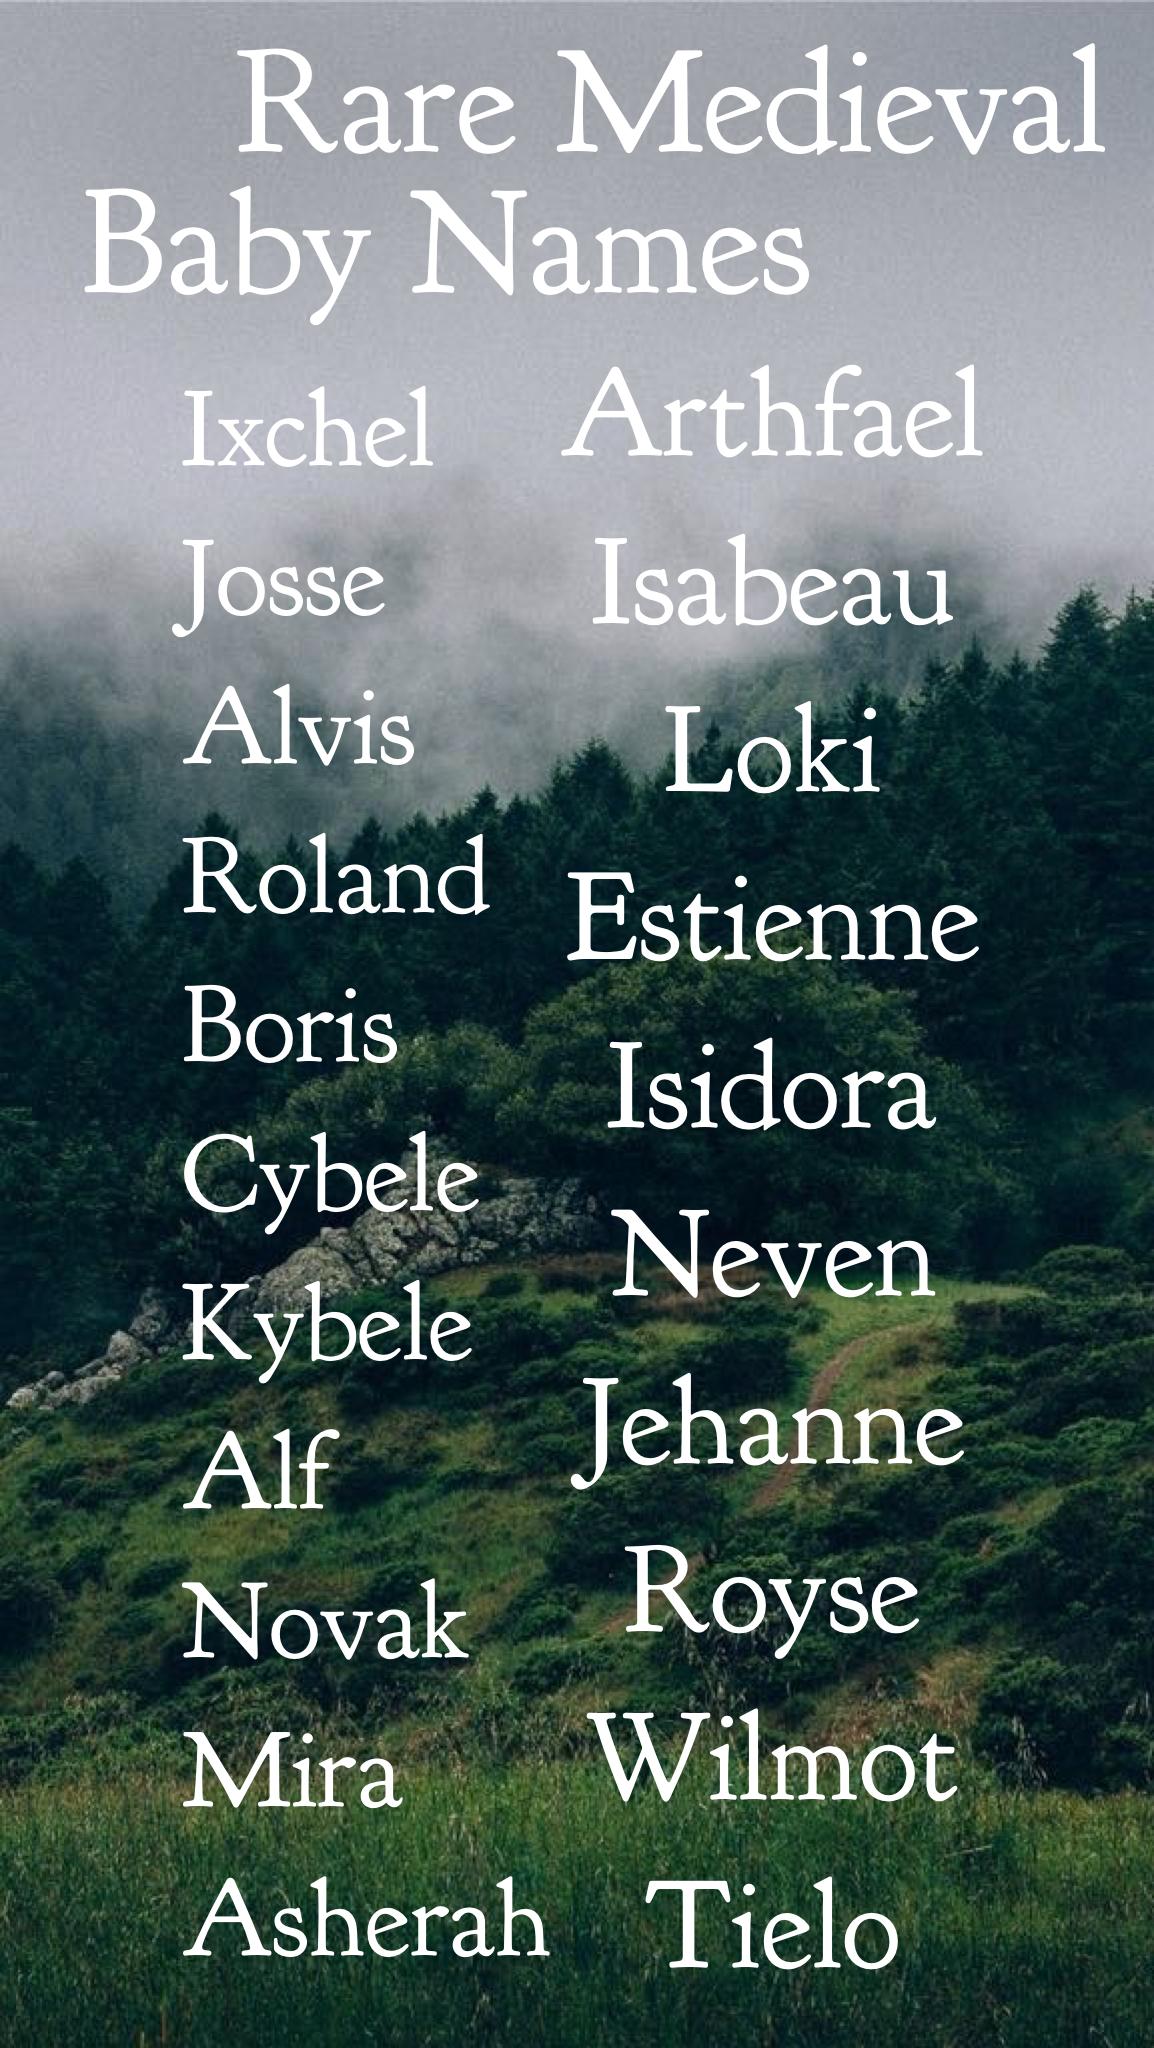 Einzigartige seltene mittelalterliche Babynamen Babynamen Babynamen, die von ... #babynamesboy